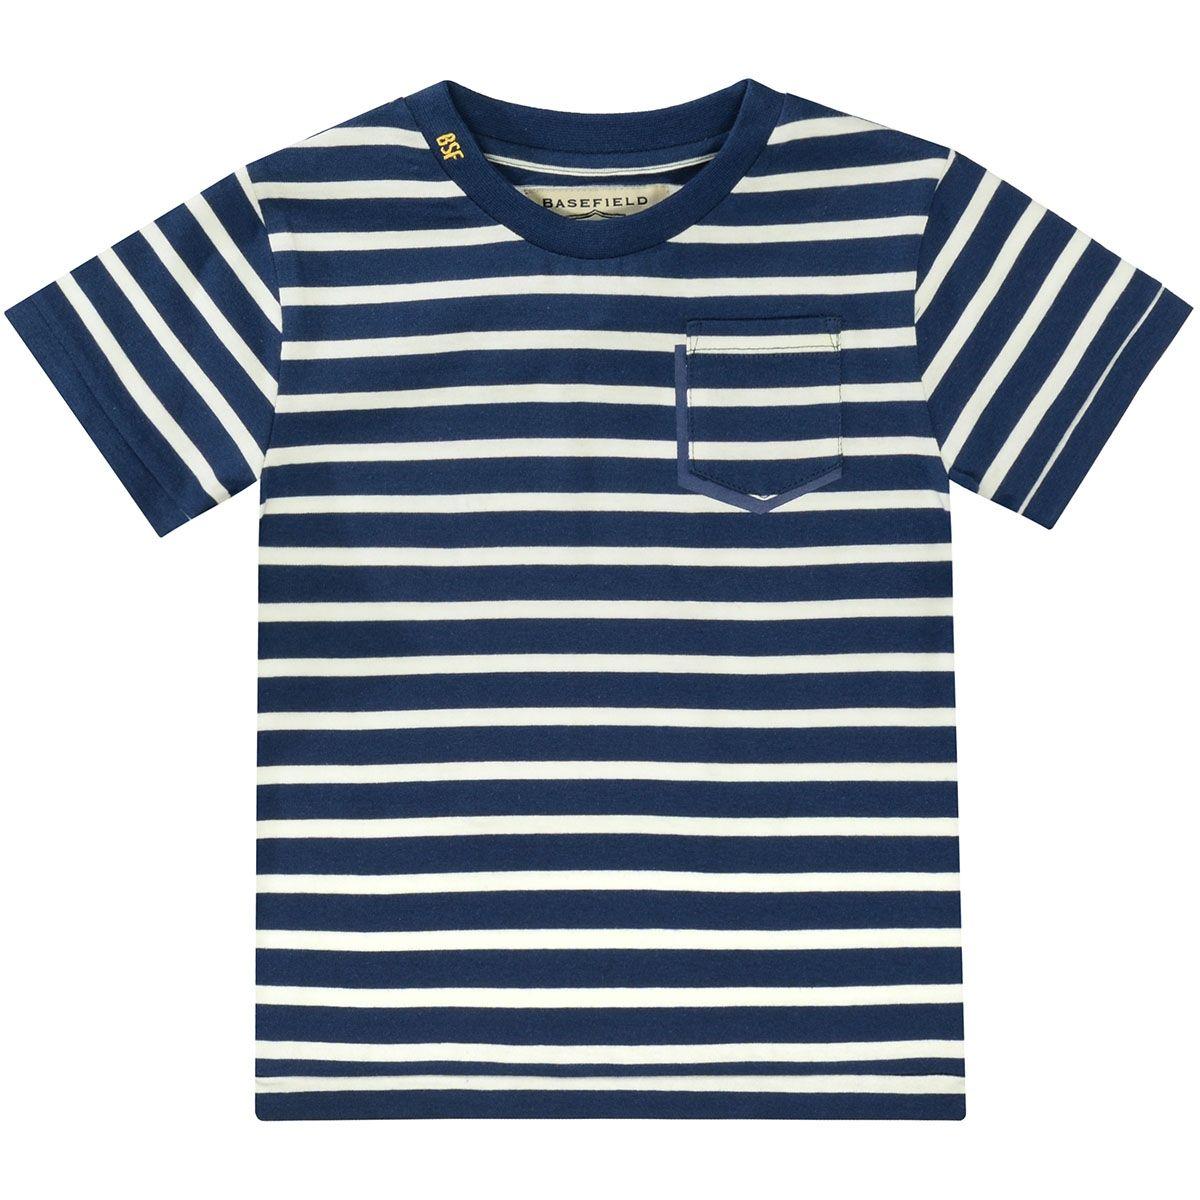 BASEFIELD T-Shirt Streifen - Marine